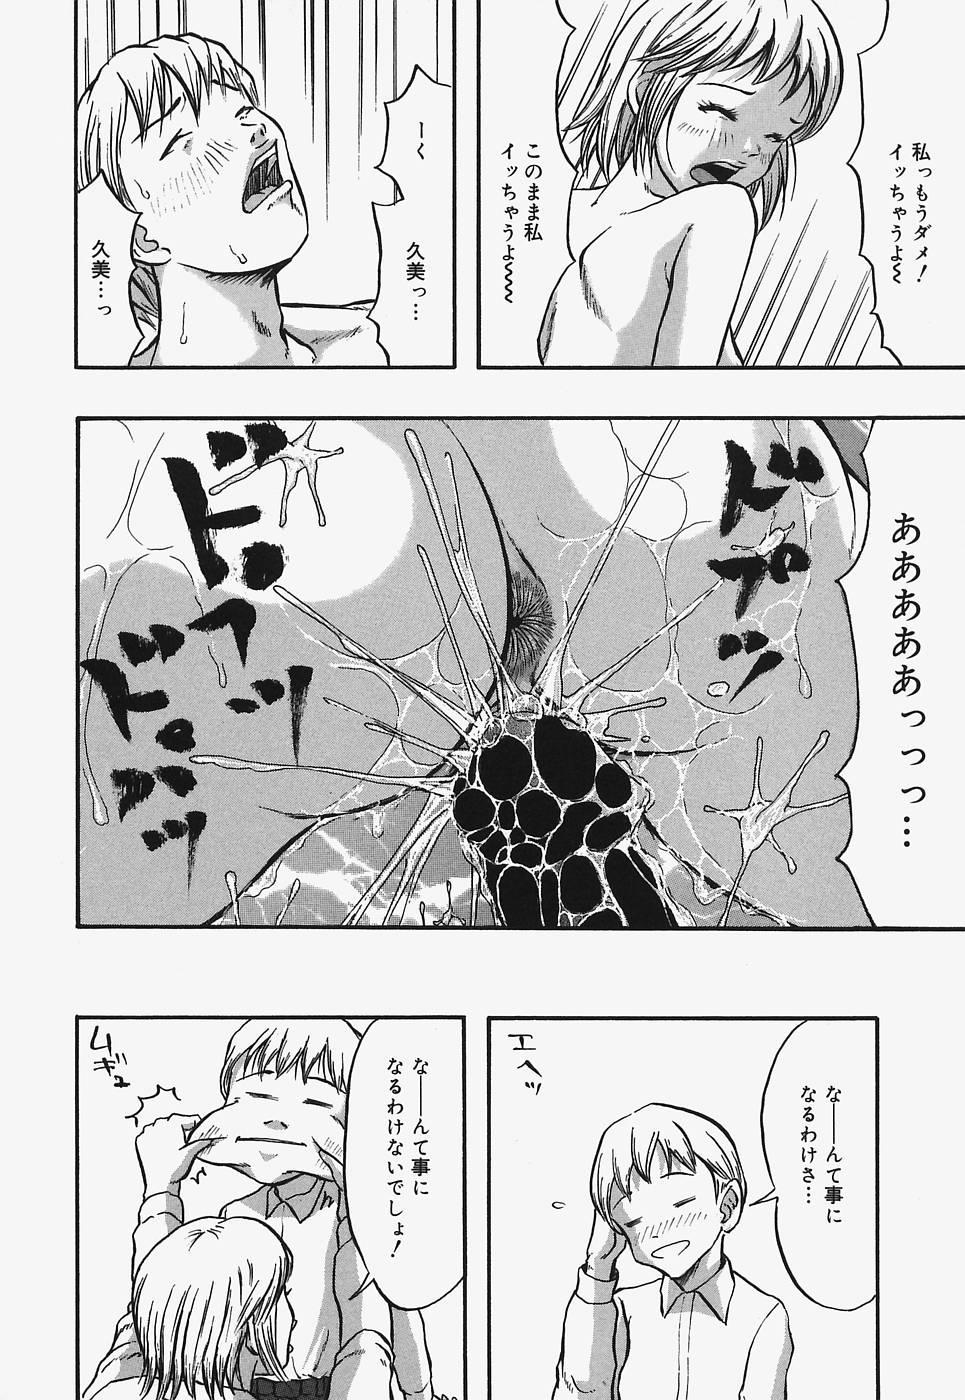 Nurunuru Syoujyo Jiru 127